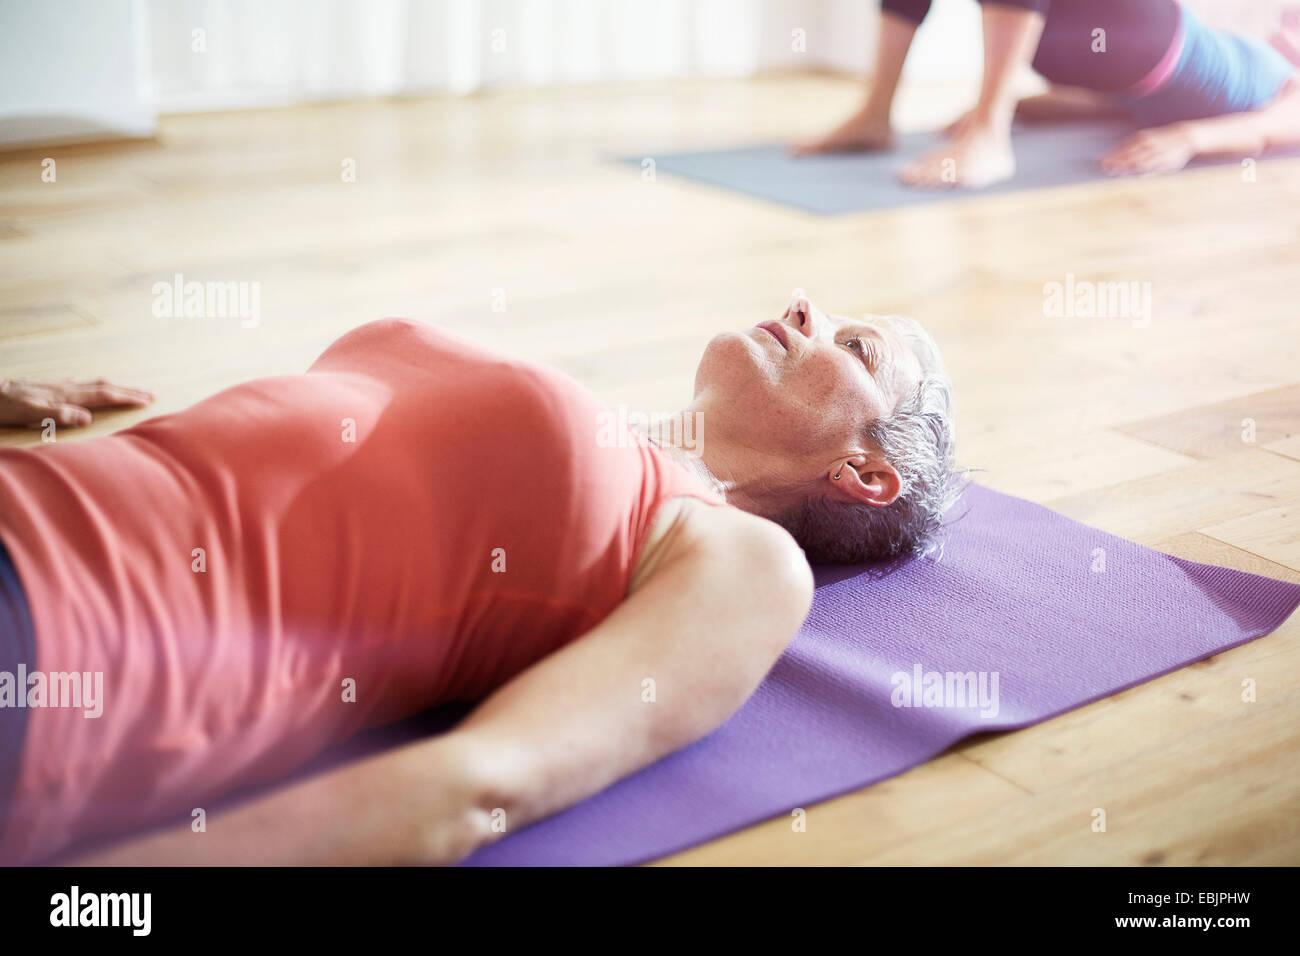 Mujer madura acostado sobre la espalda en clase de pilates Imagen De Stock